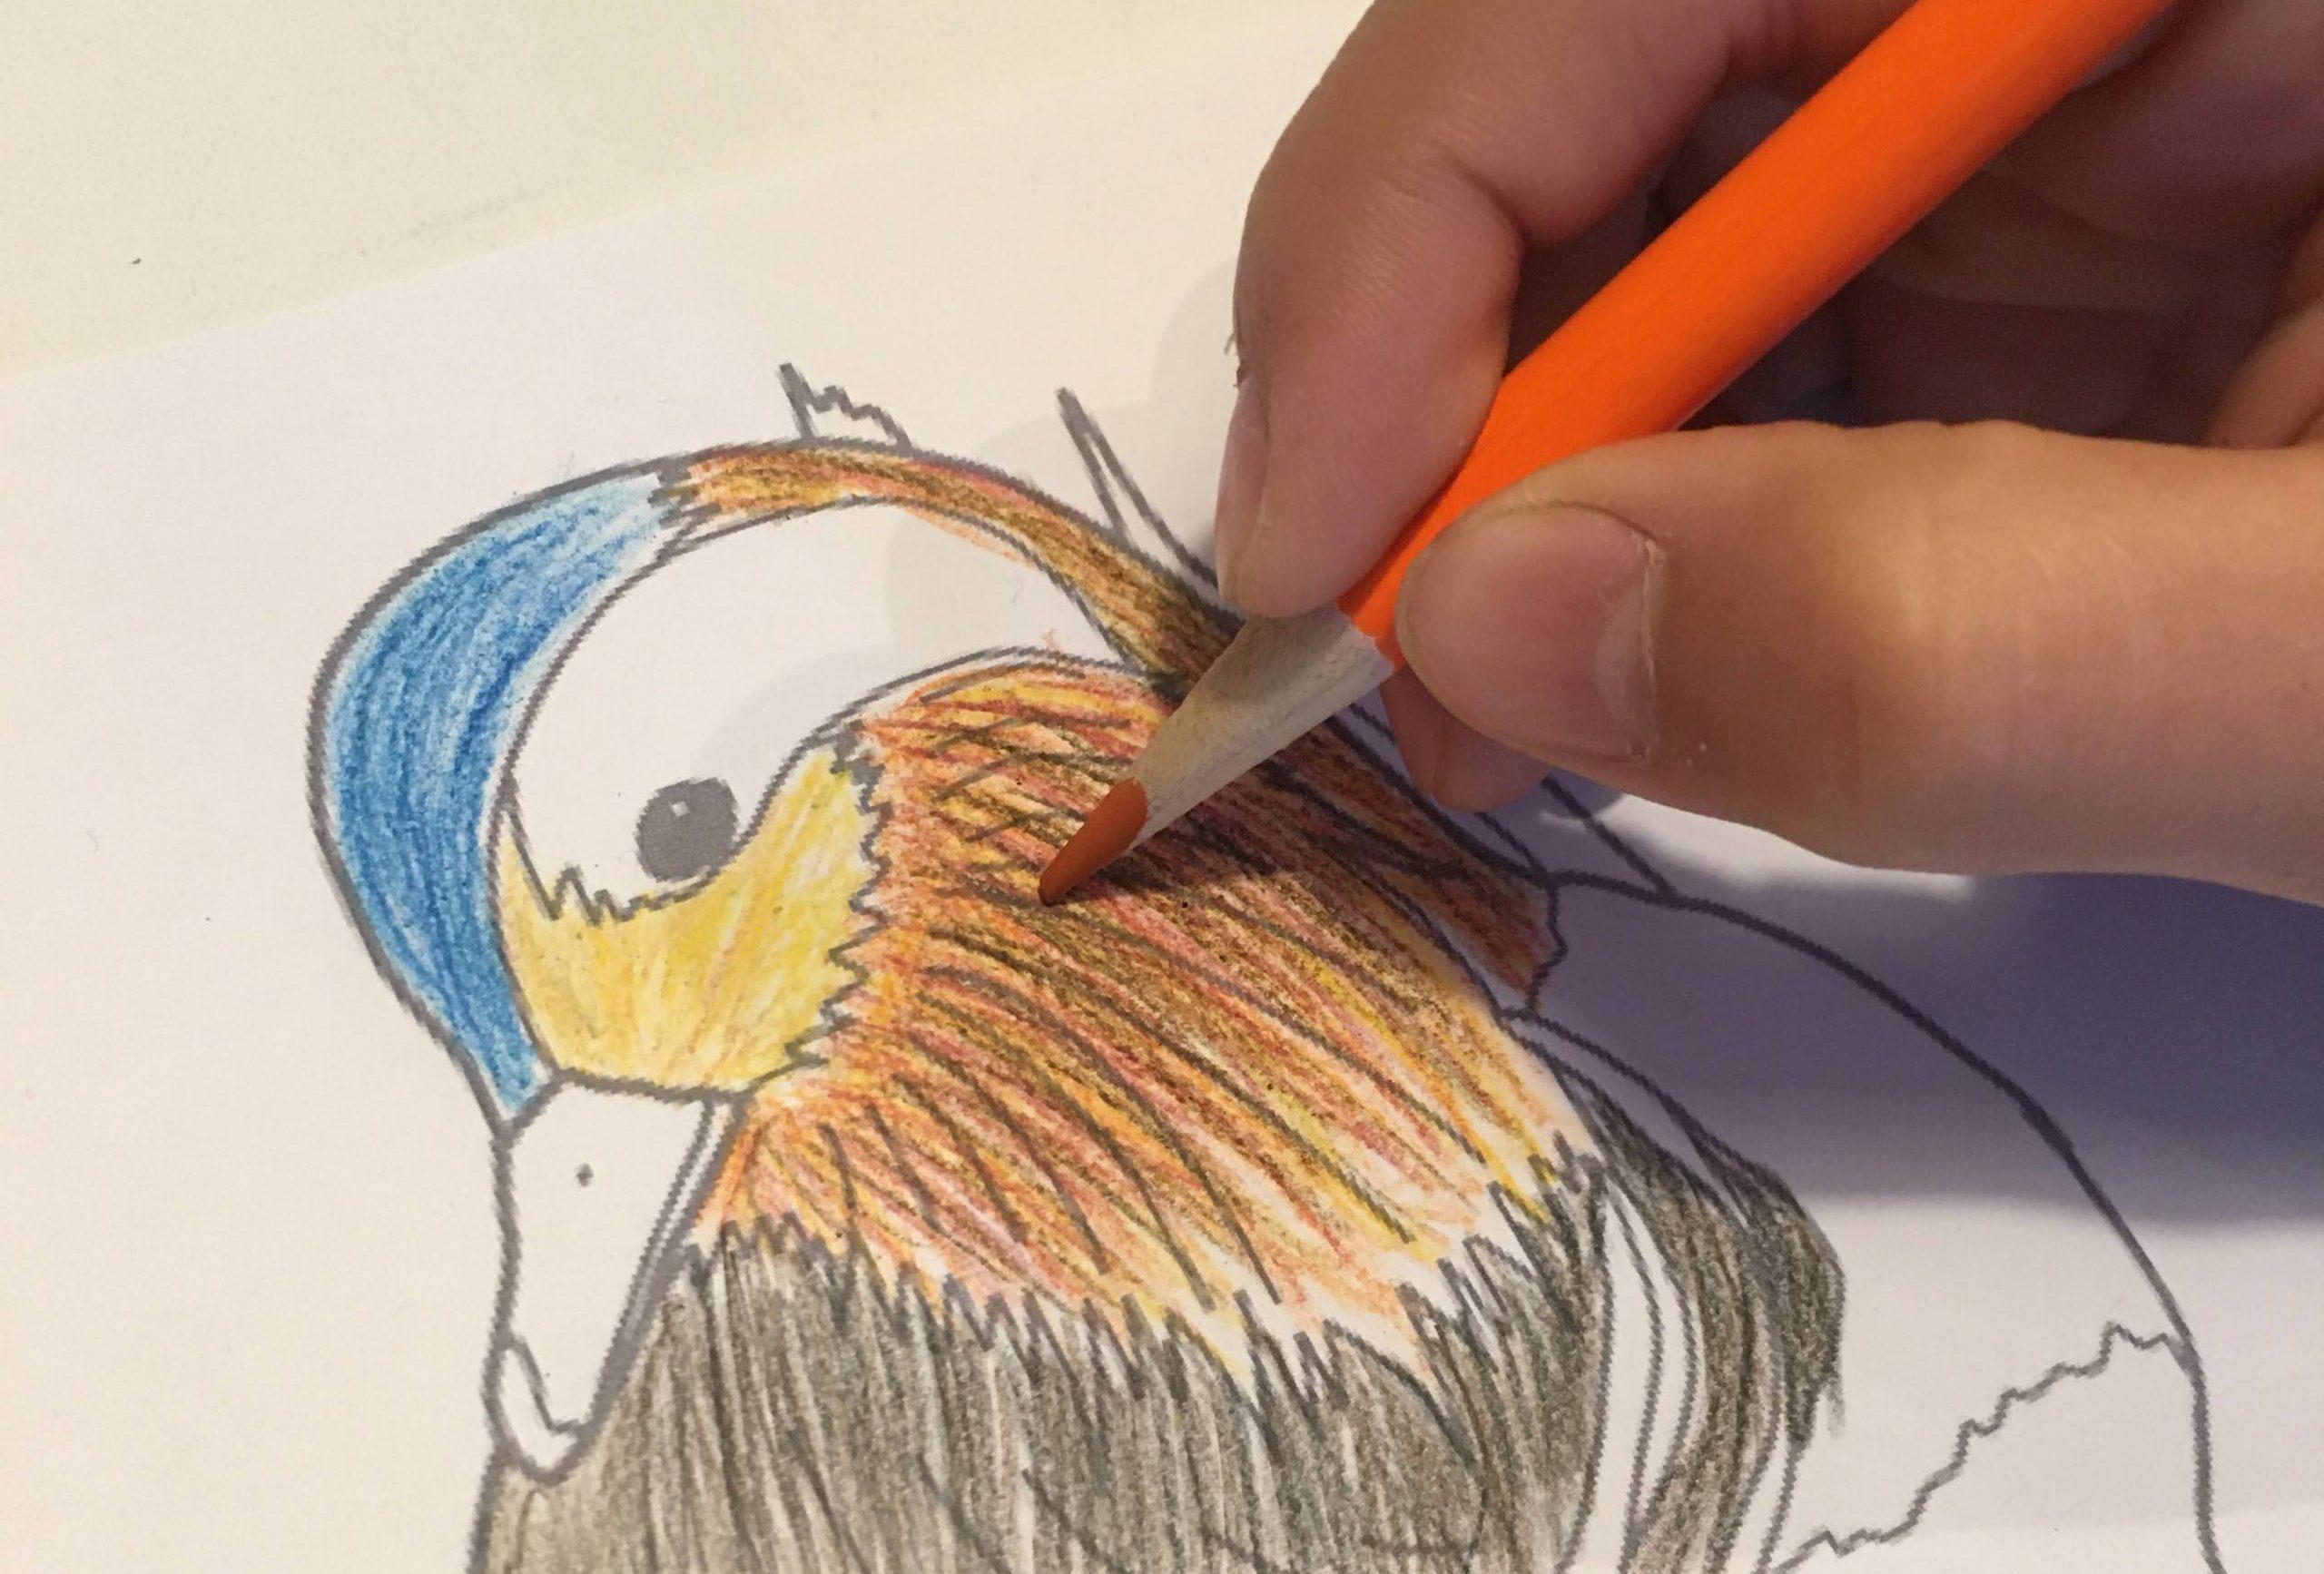 県鳥一覧 47都道府県分のぬりえイラスト 無料ダウンロード